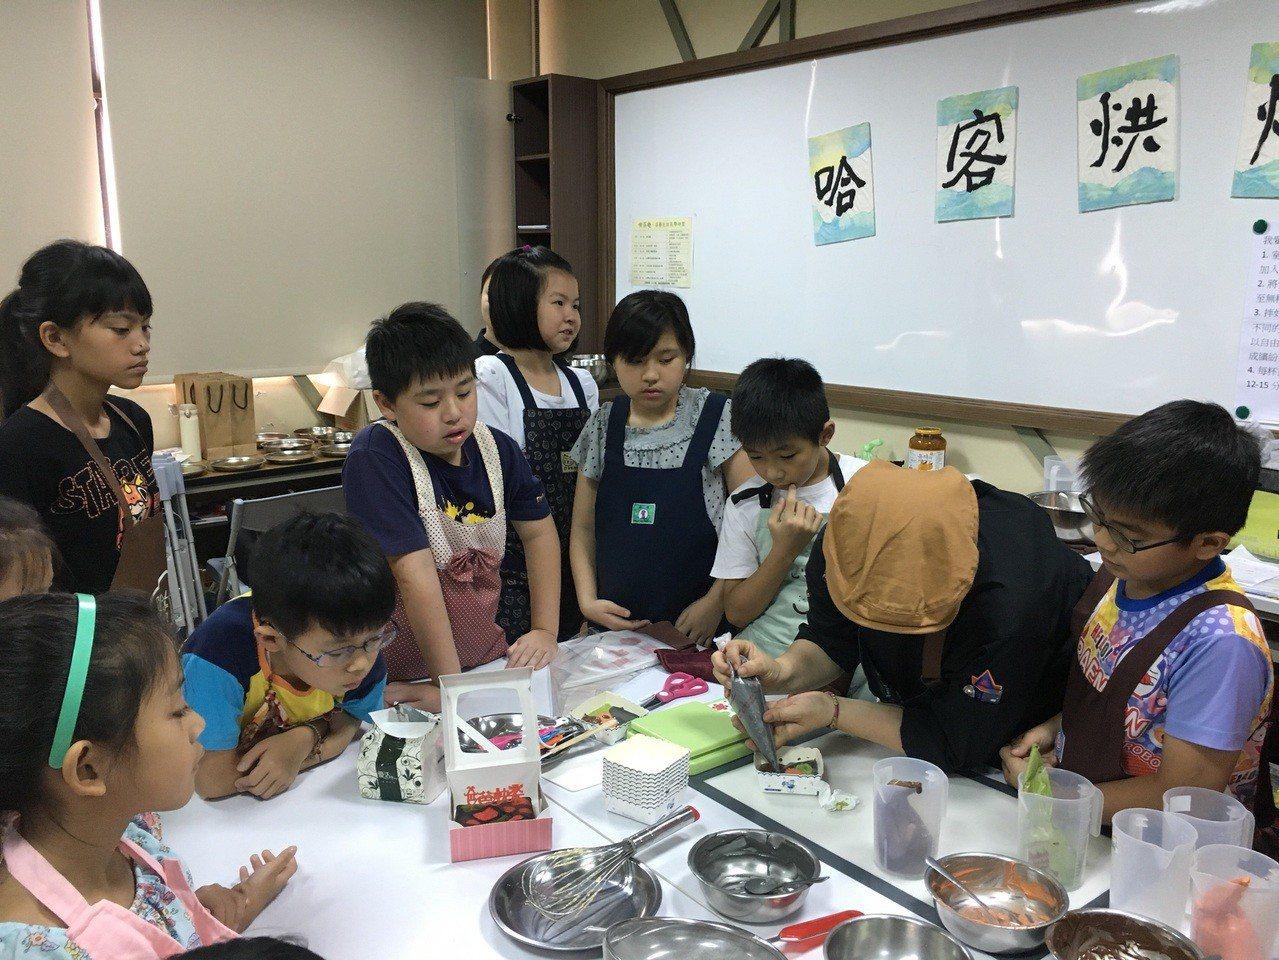 小朋友開始動手作前,先由專業的老師示範,一步步帶領小朋友學習做蛋糕。記者陳斯穎/...